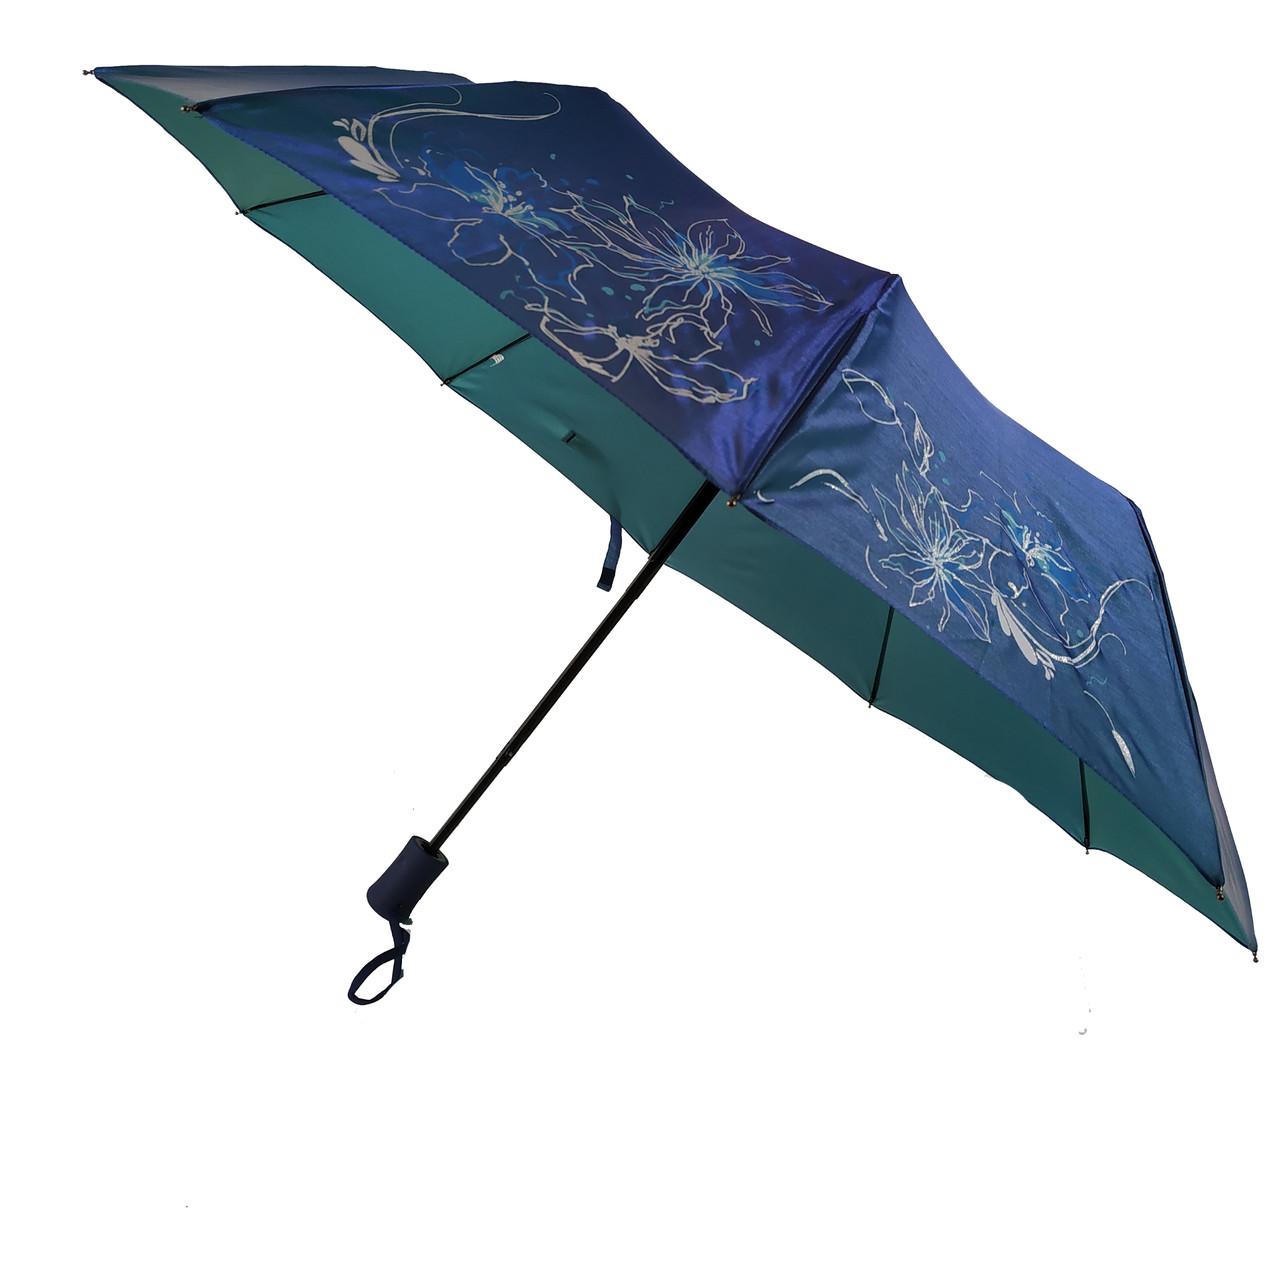 Женский зонт полуавтомат Bellissimo на 10 спиц с цветочным узором, синий, 2018-4